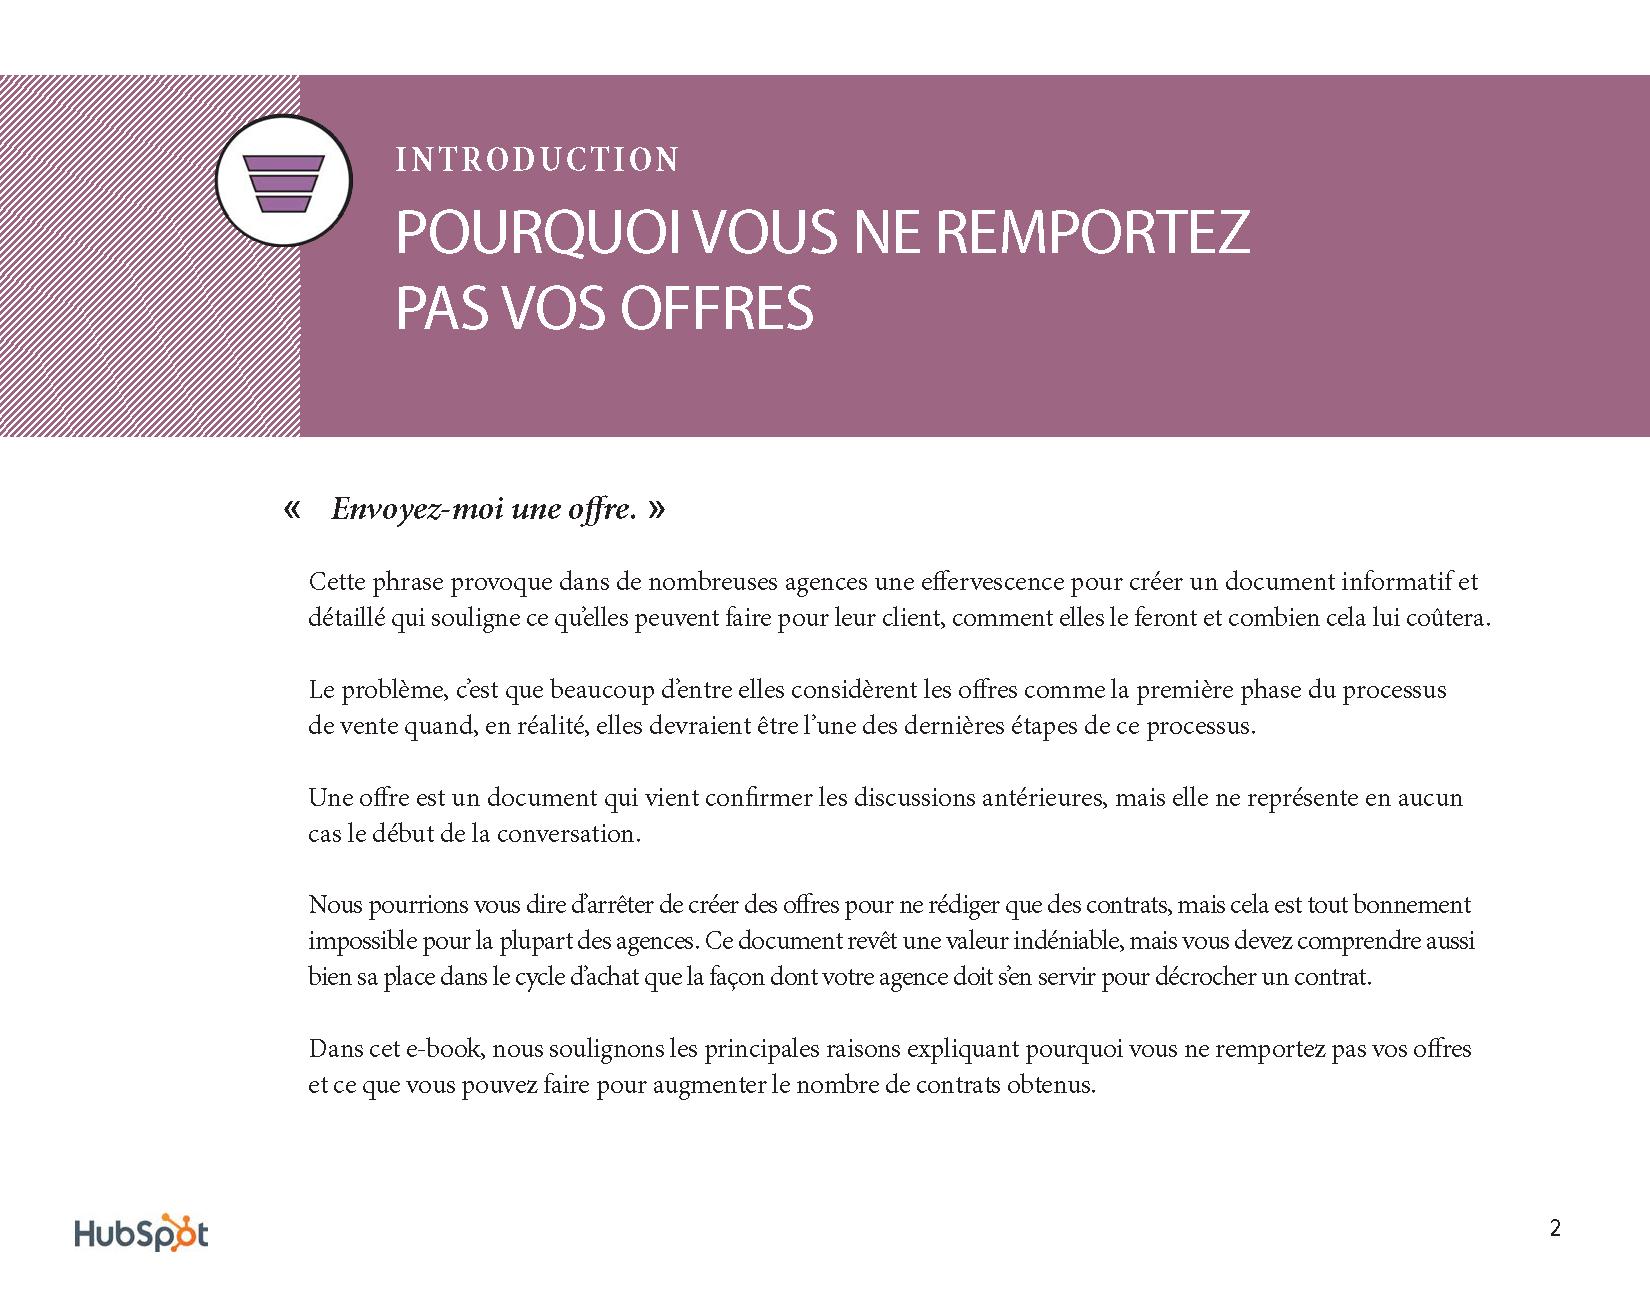 POURQUOI REMPORTEZ OFFRES - 2